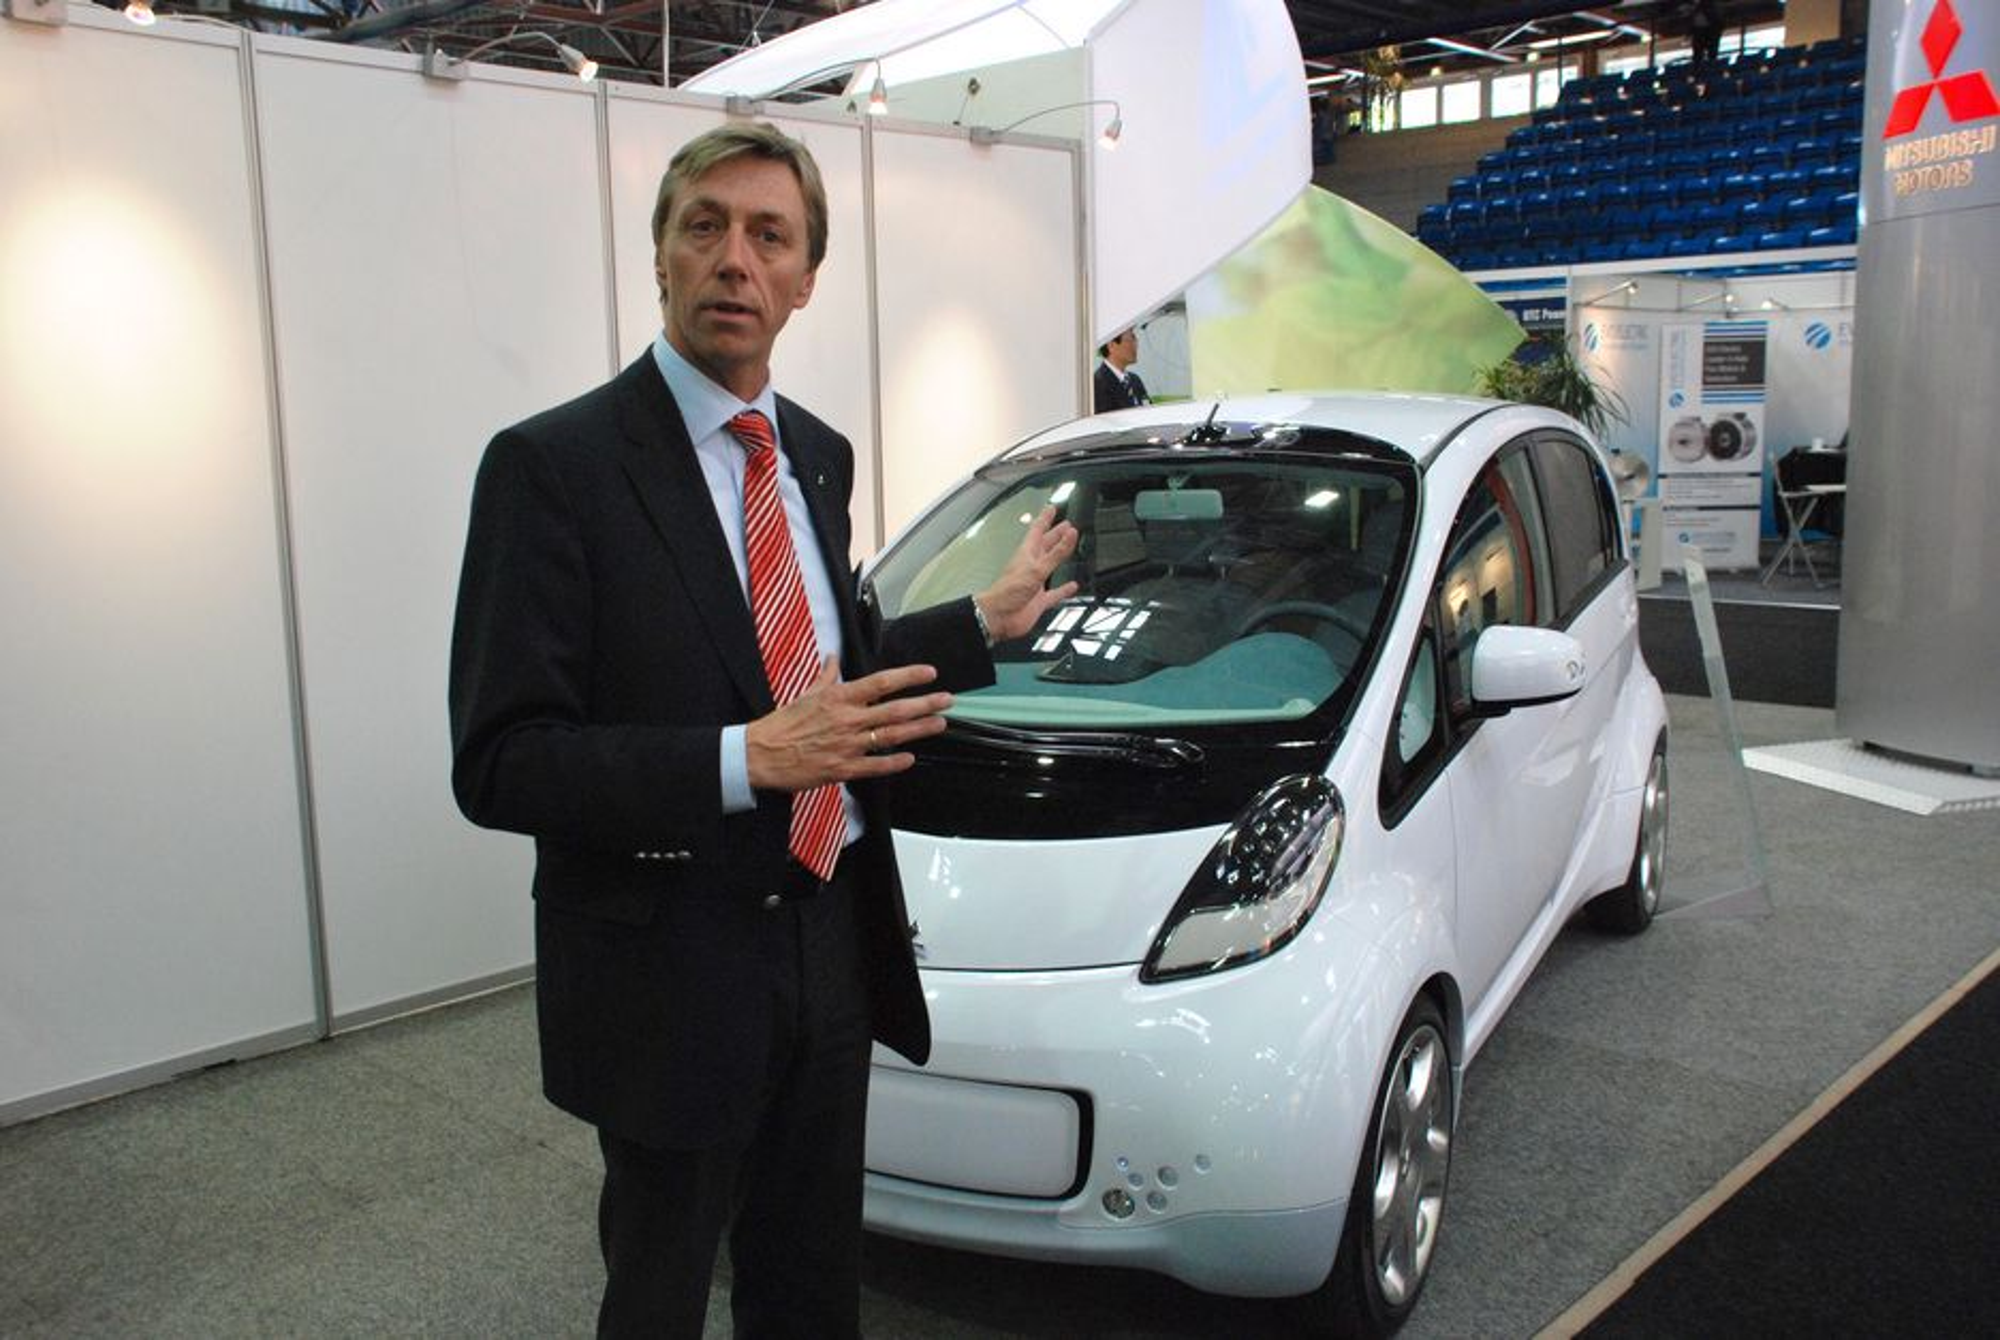 SKRYT AV NORGE: Bernt G. Jessen i Mitsubishis norske avdeling mener toppledelsen i selskapet ser til Norge. Bakgrunnen er gode norske støtteordninger for elbiler.